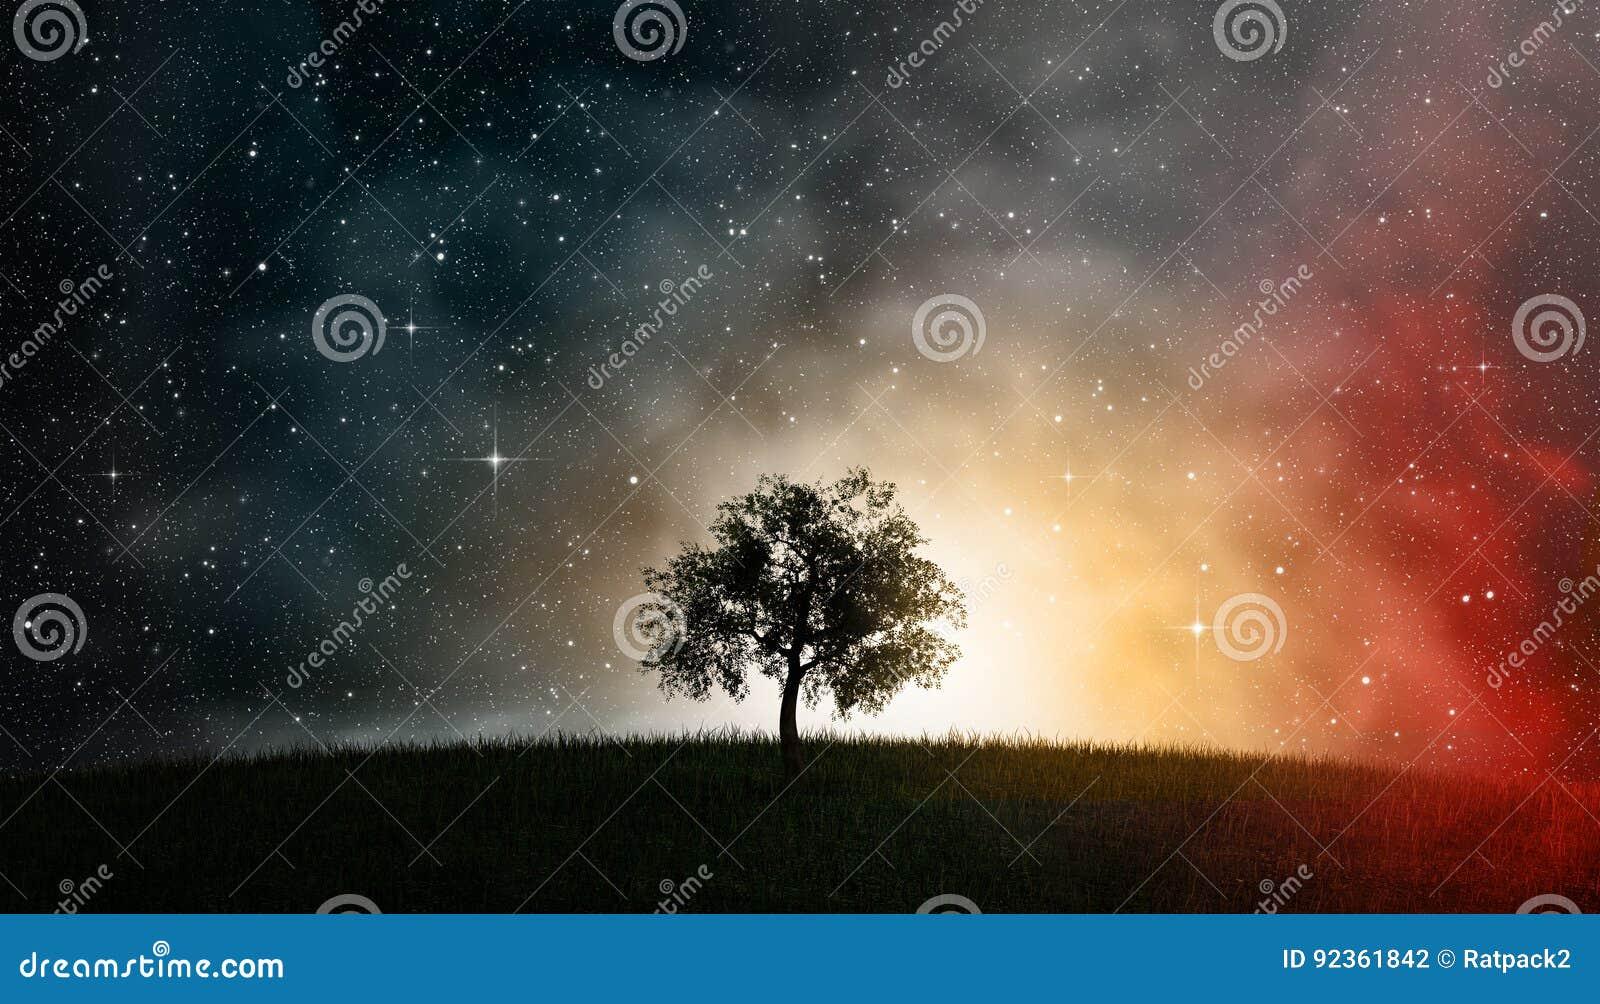 Ilustração Gratis Espaço Todos Os Universo Cosmos: Árvore De Vida Na Frente Do Cosmos Do Céu Noturno Foto De